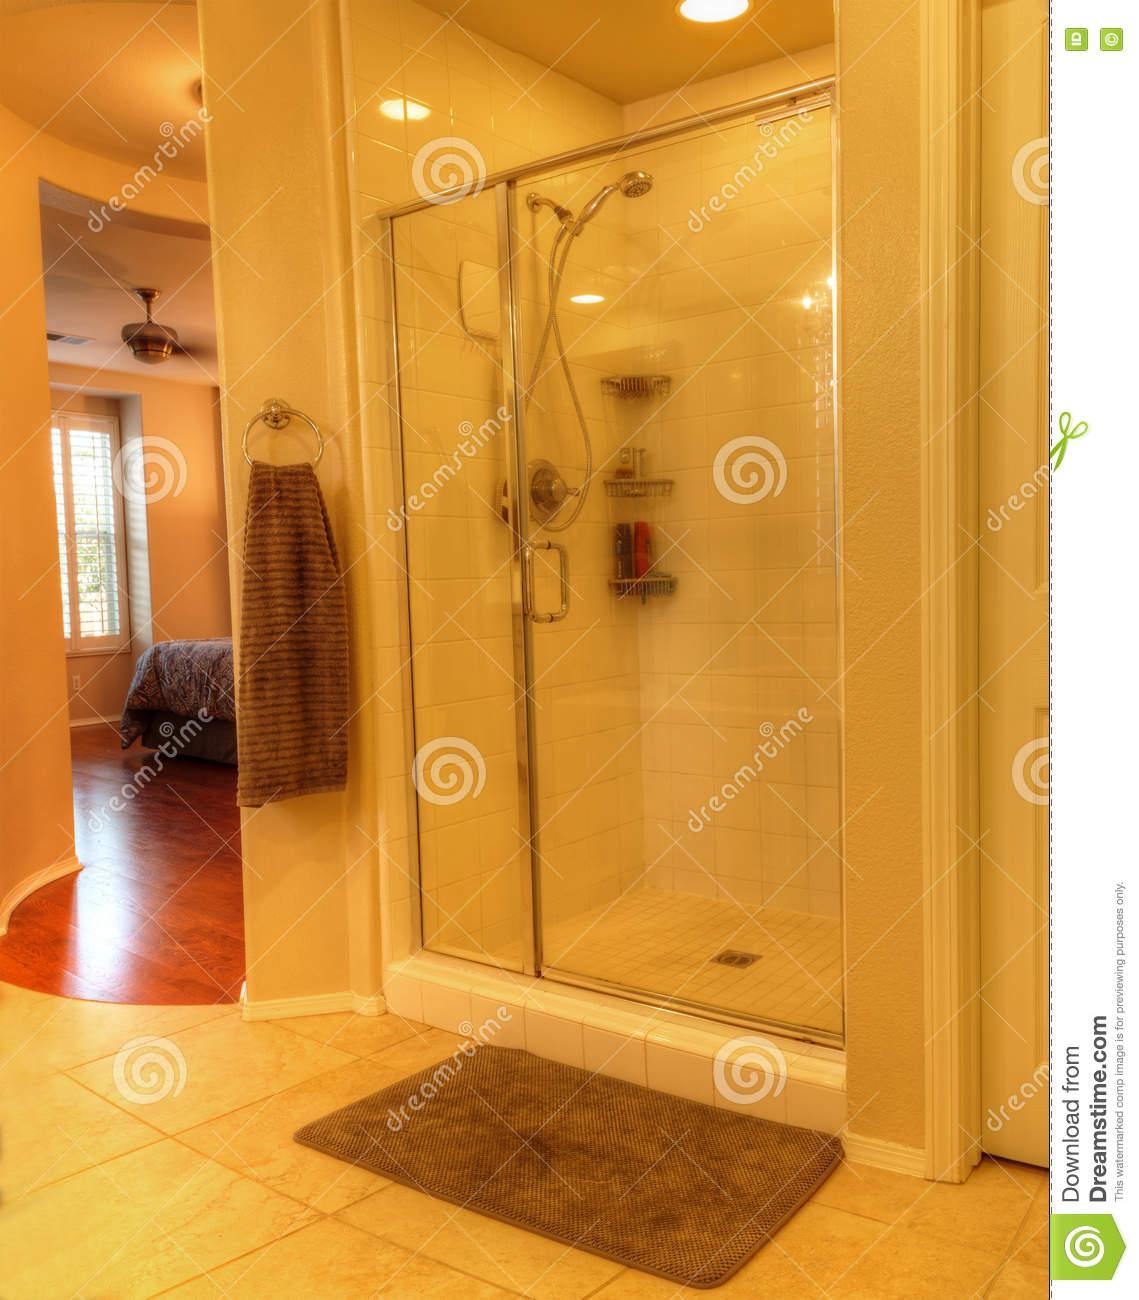 Full Size of Glastür Dusche Mit Einer Glastr Stockbild Bild Von 76163103 Einbauen Wand Antirutschmatte Begehbare Ohne Tür Bluetooth Lautsprecher Fliesen Walk In Schulte Dusche Glastür Dusche